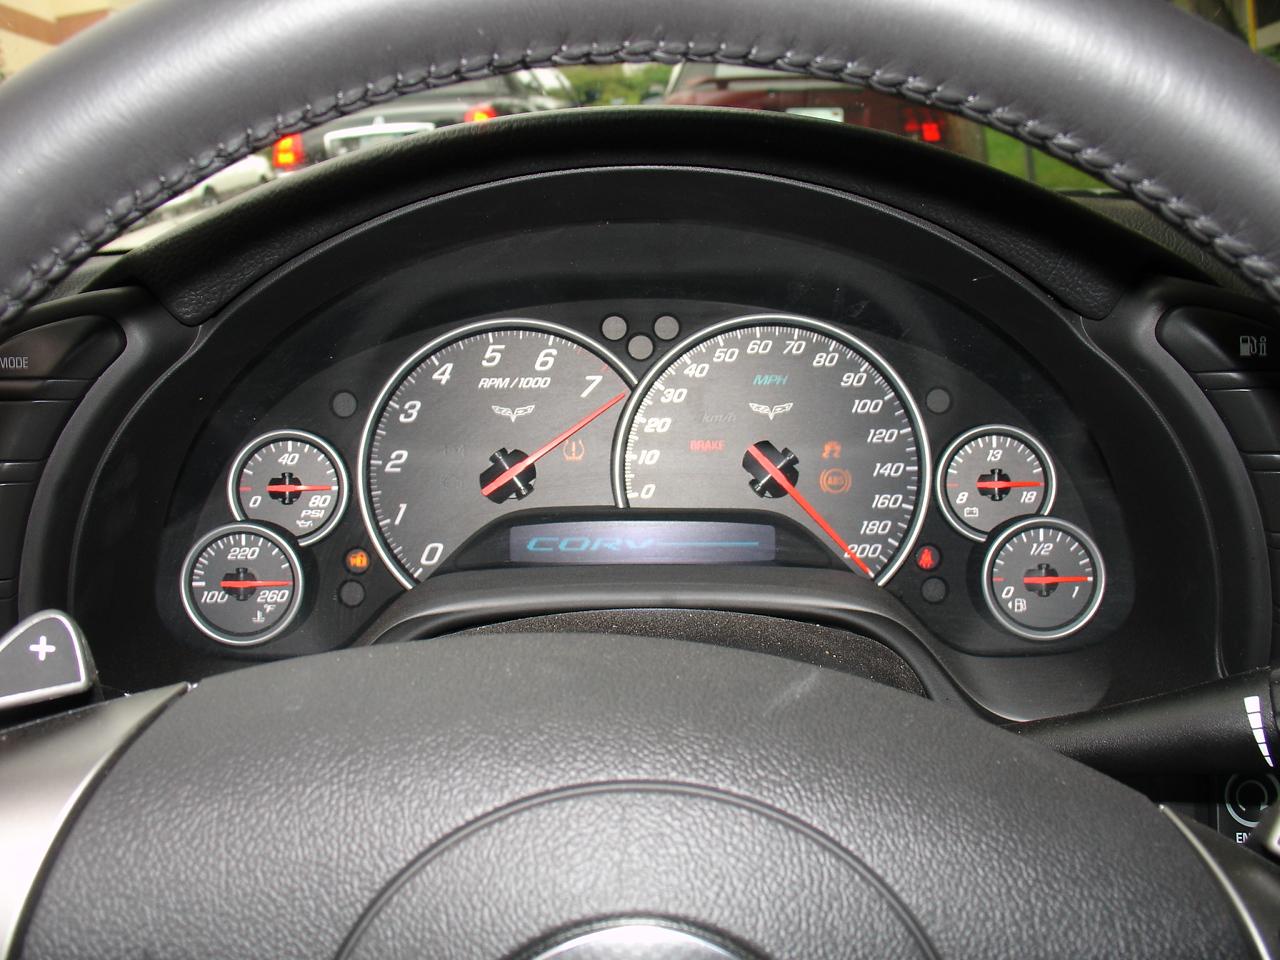 Chevrolet Corvette instrument cluster